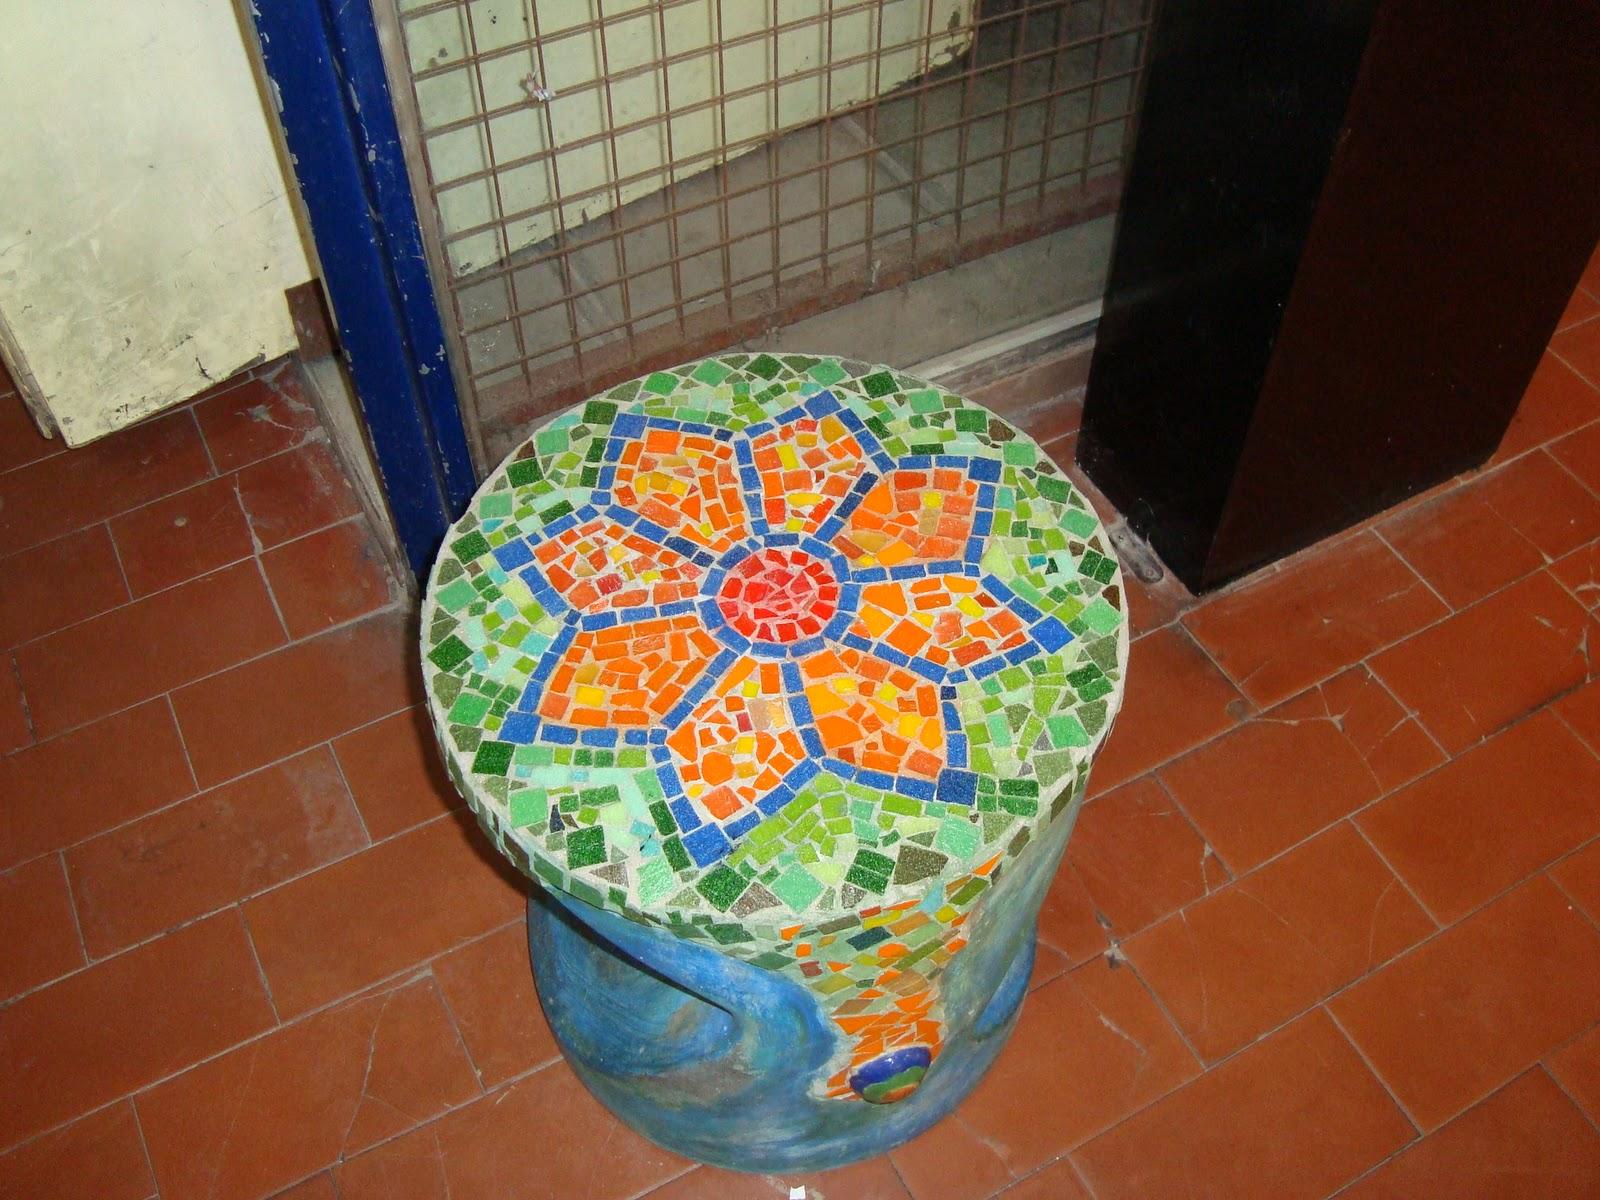 Decoracion De Baños Con Venecitas:Cedel: Decoración con Venecitas